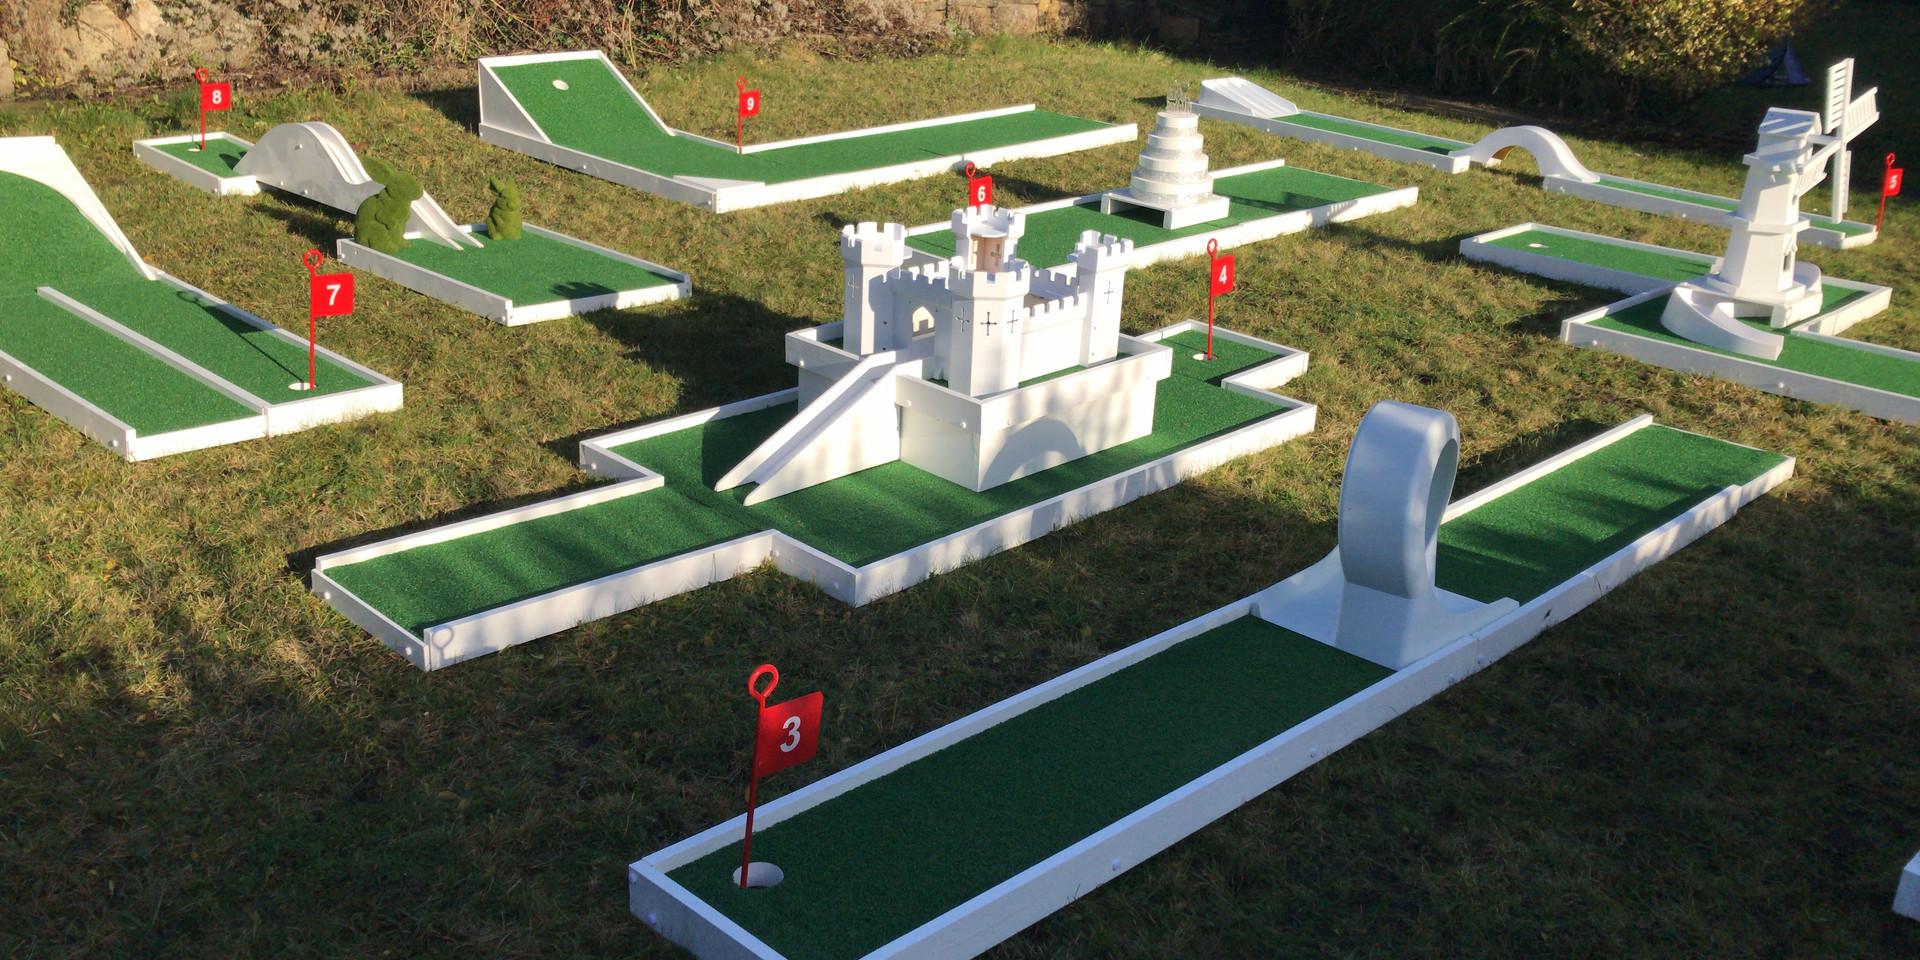 9 Hole Crazy Golf